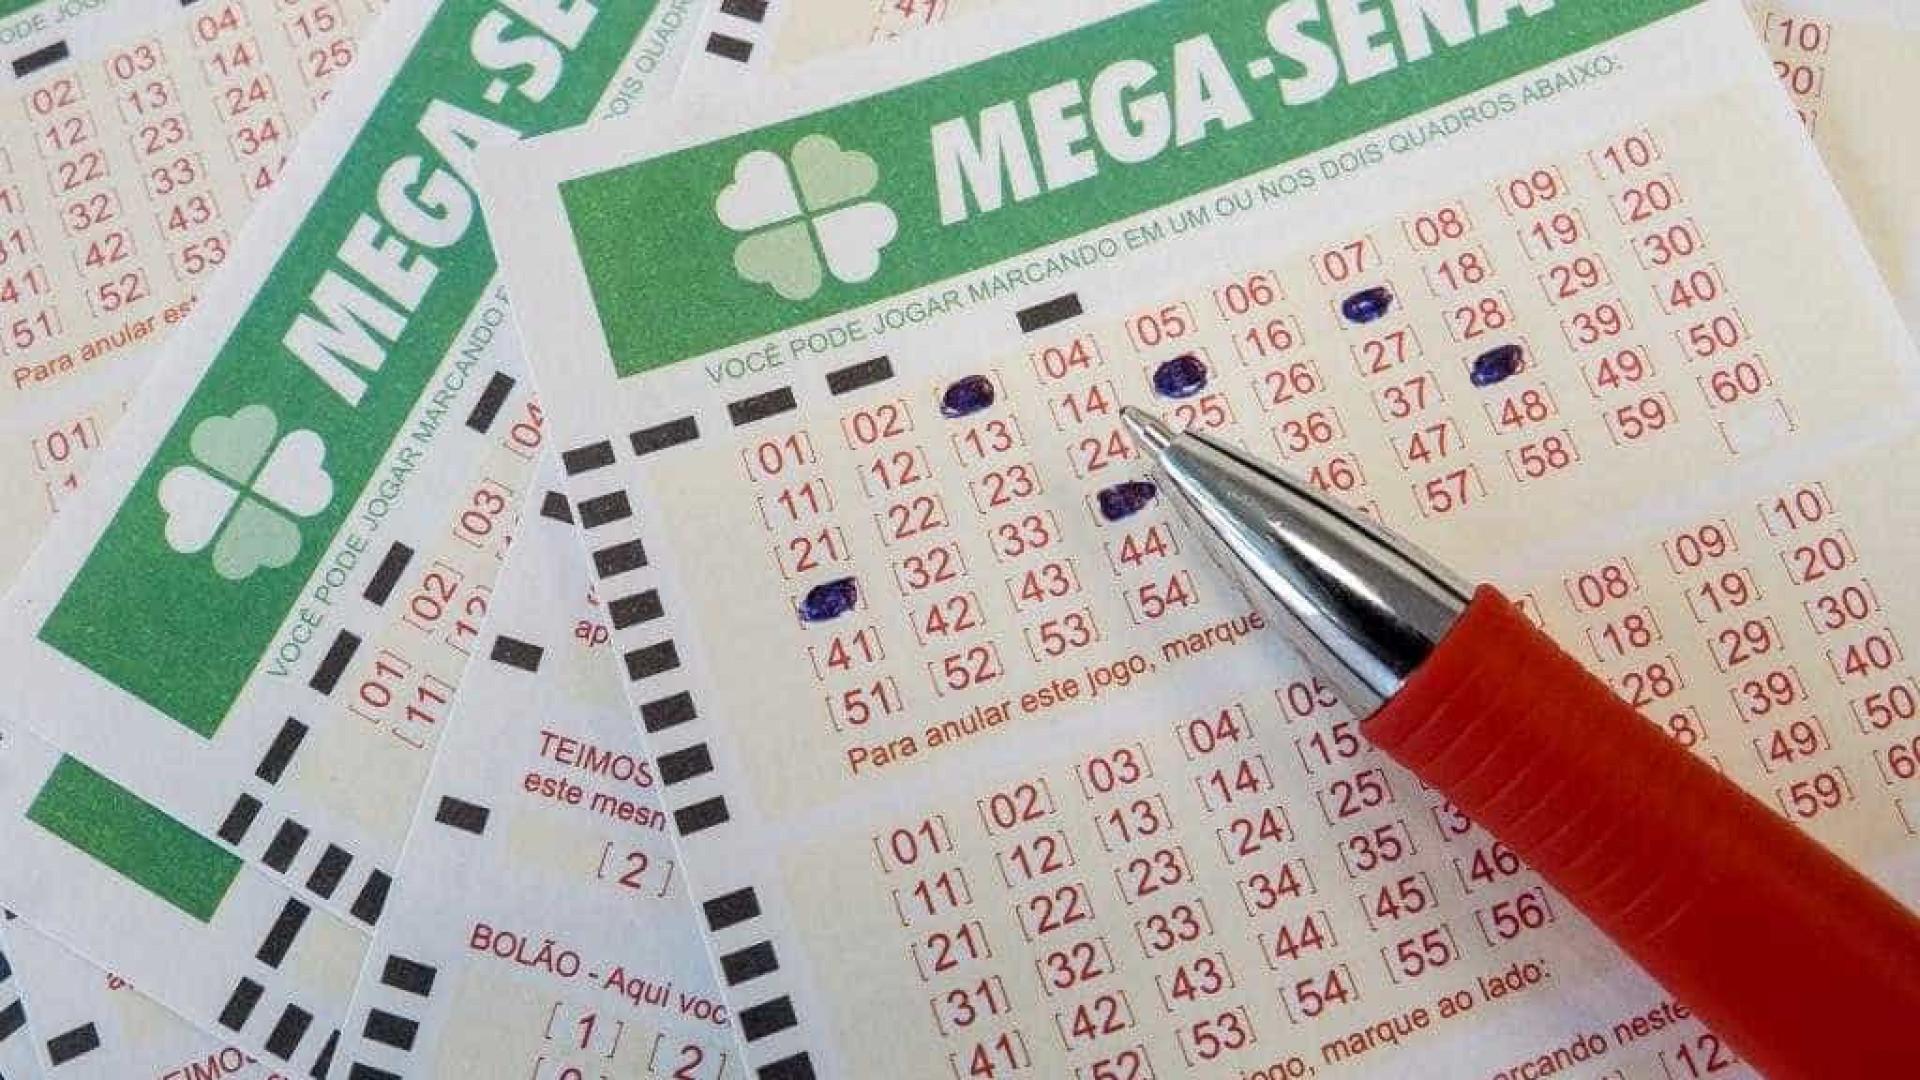 Acumulou! Mega-Sena pode pagar R$ 35 milhões no próximo sorteio